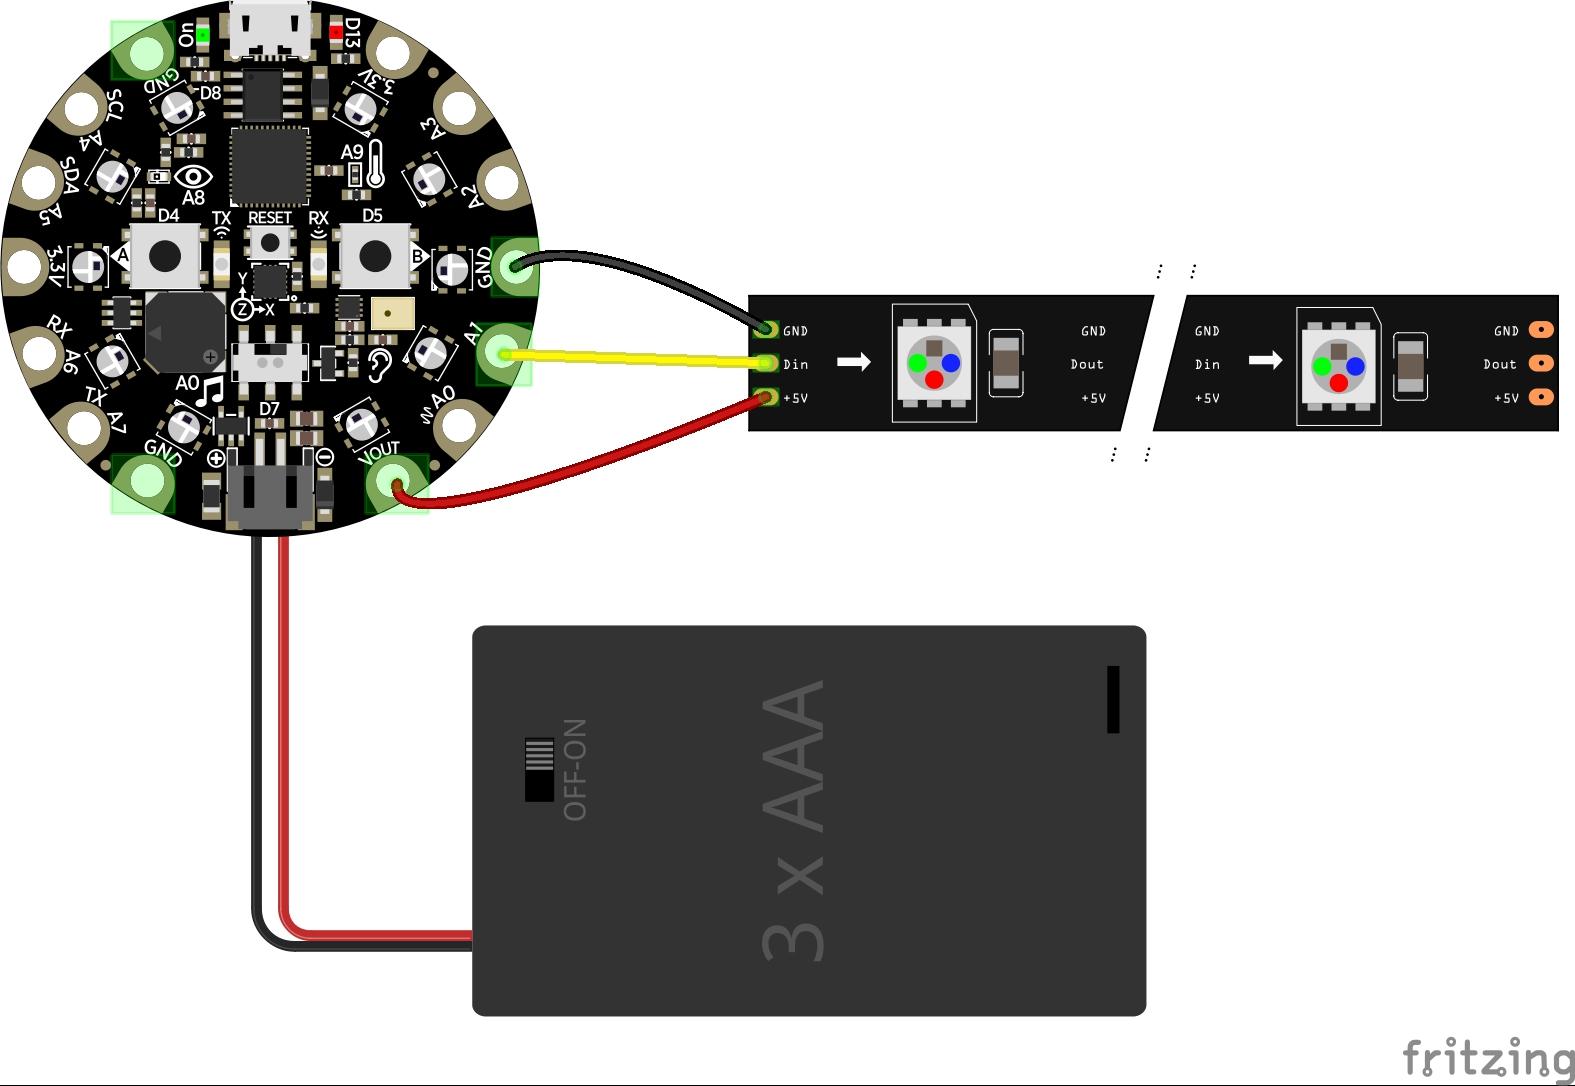 leds_wiring_for_neopixels_bb.jpg